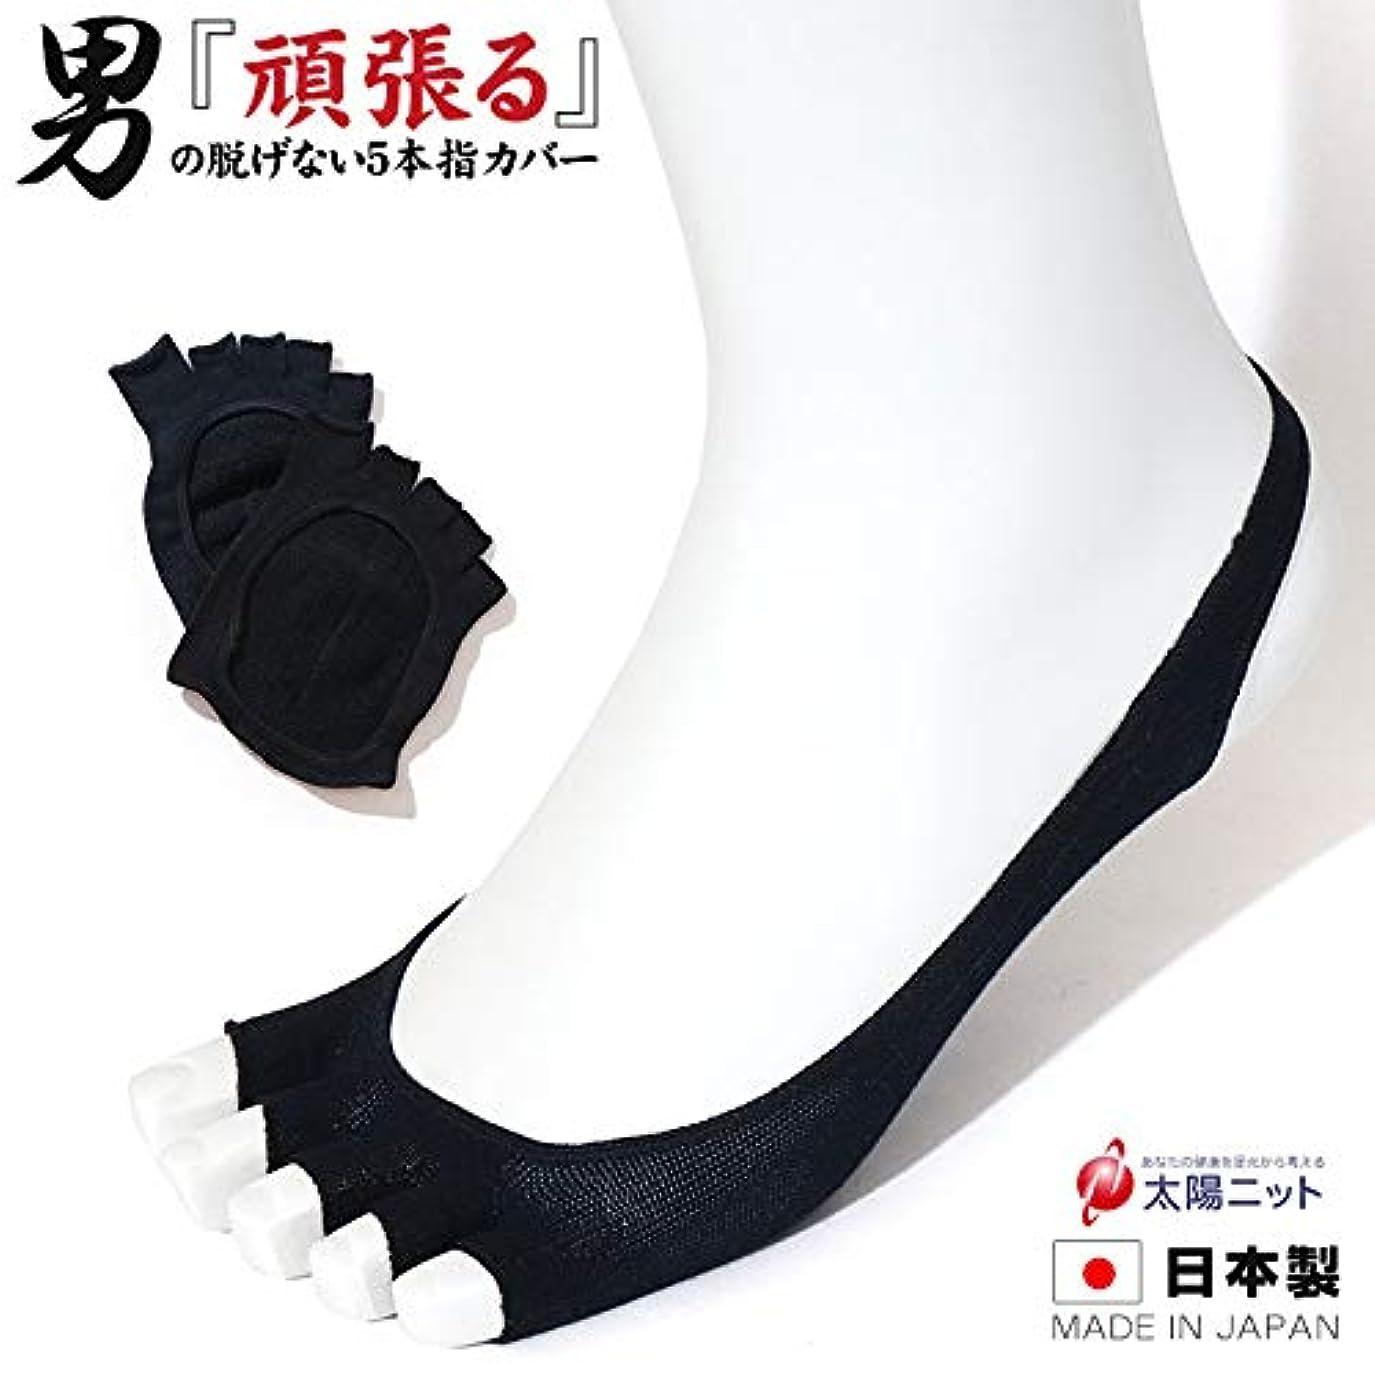 アジア人圧縮されたポケットメンズ 綿100 脱げない 5本指カバー 汗 ムレ におい 対策 26-28cm 360 (ブラック)